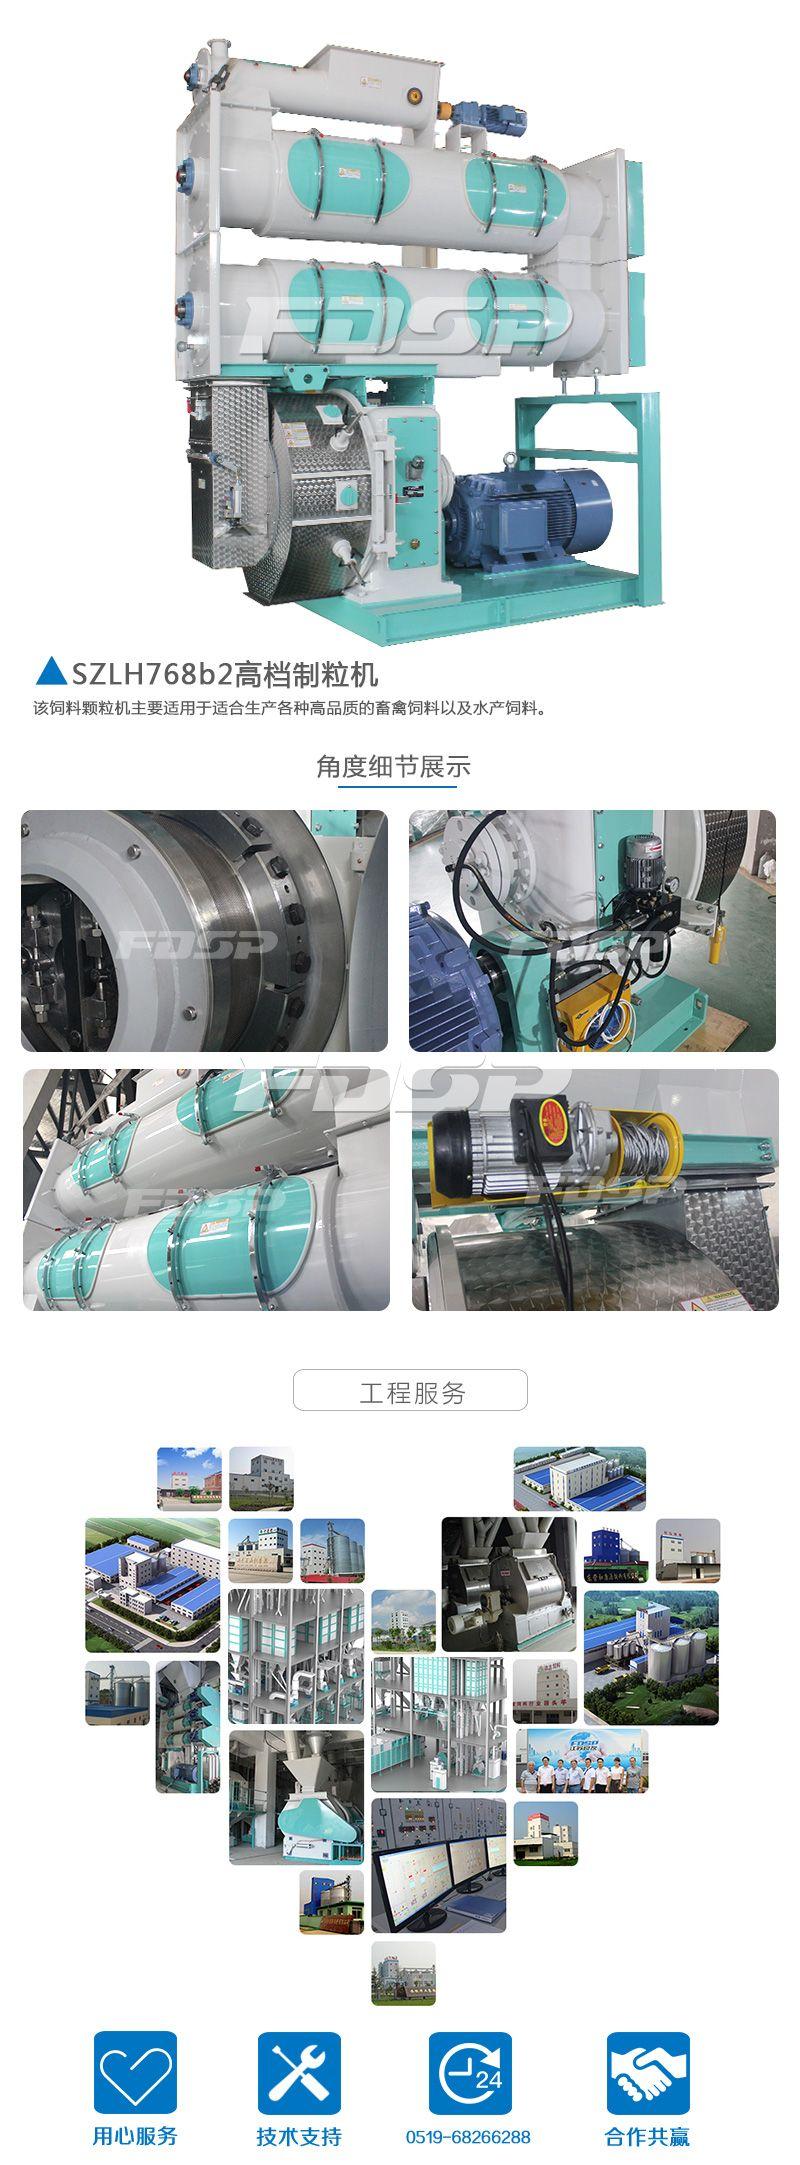 Maquinaria de alimentación Granuladora de chaqueta de alto grado serie SZLH768b2